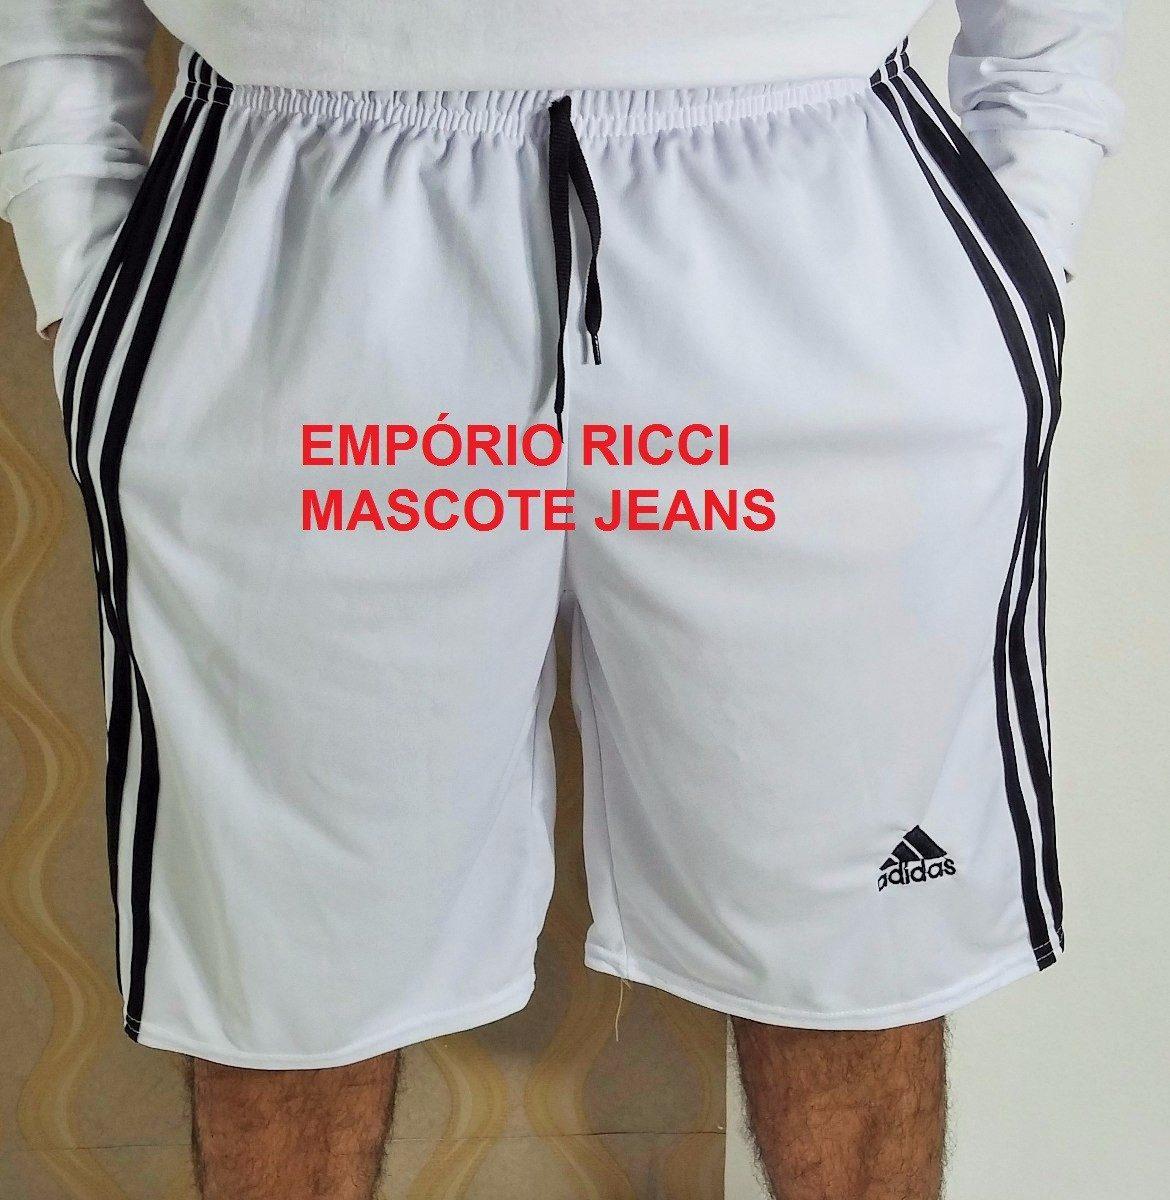 kit 20 shorts masculino esportivo. Carregando zoom. f1c84e22e9f56